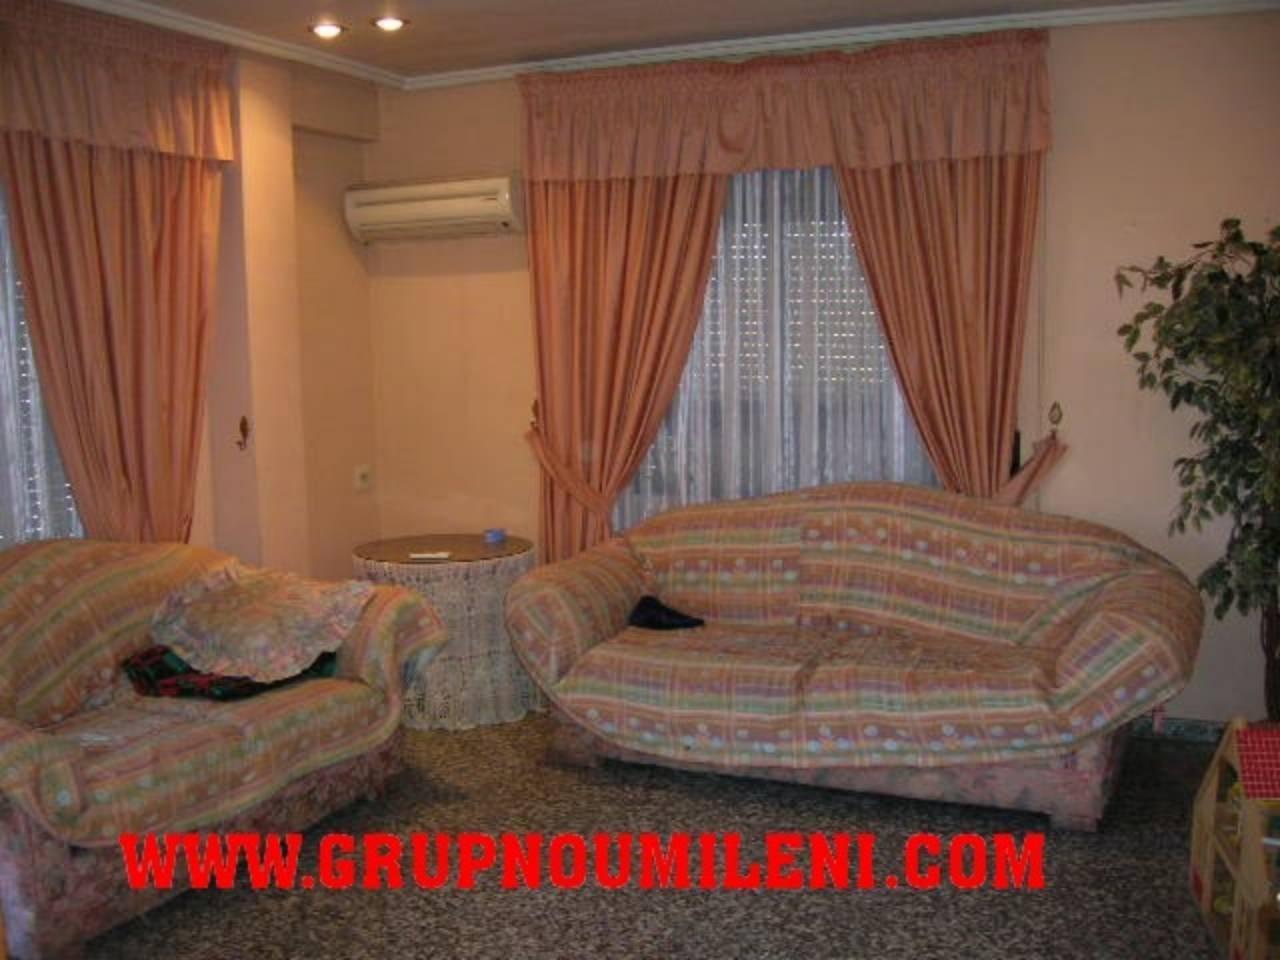 Alquiler Piso  Alfafar. Superf. 105 m²,  4 habitaciones (2 dobles,  2 individuales),  1